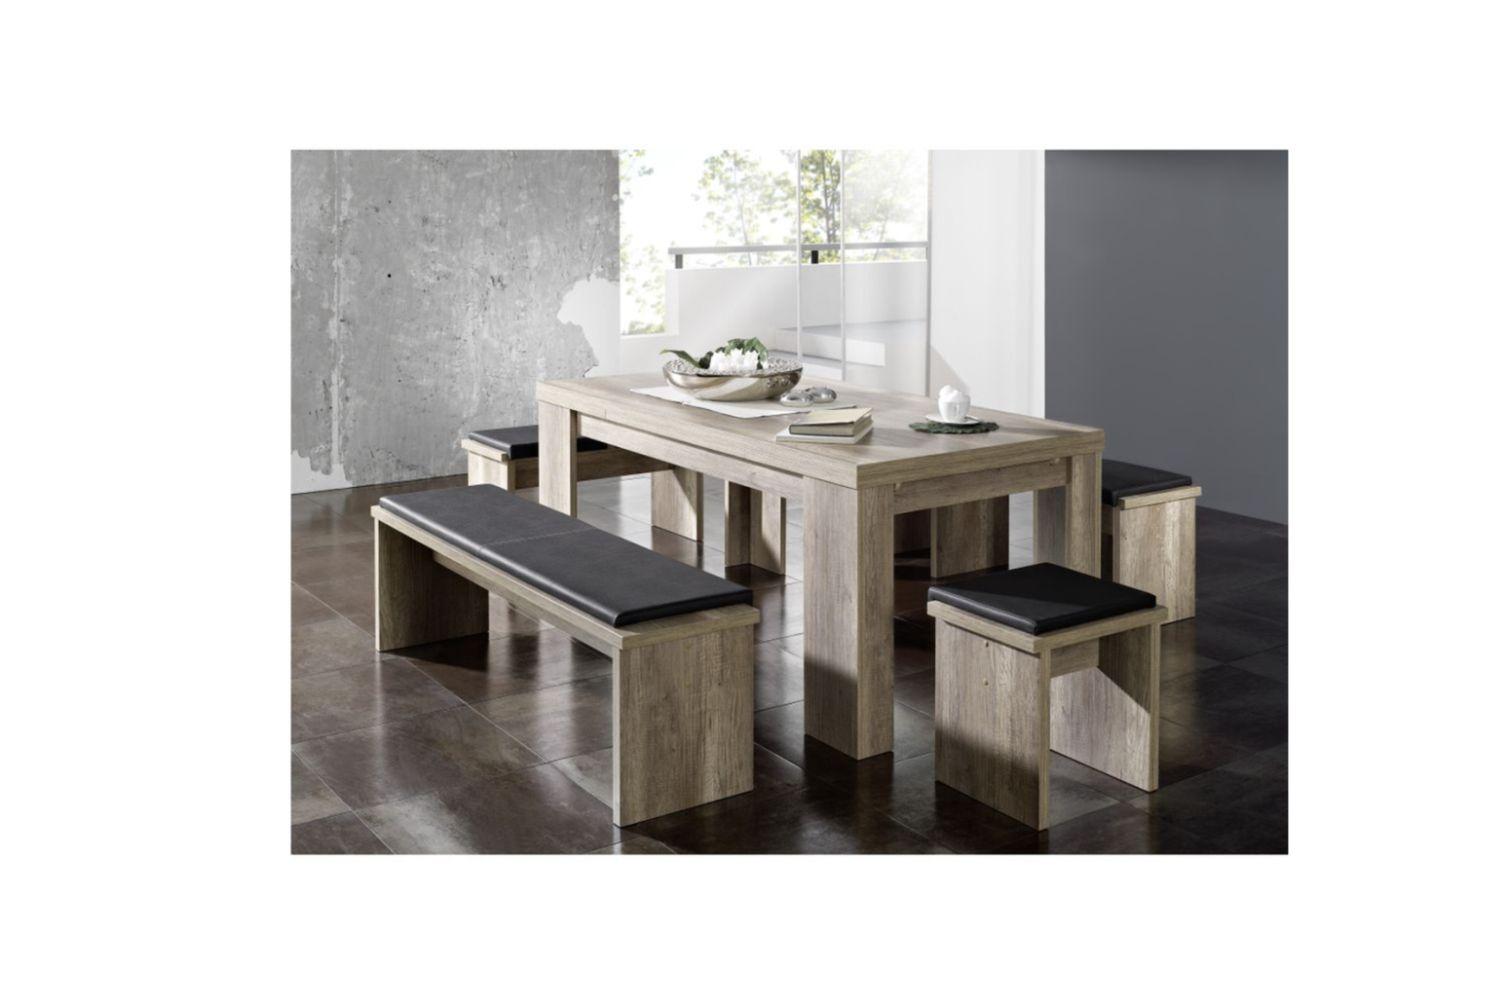 esstisch k chentisch speisetisch ausziehtisch erweiterbar. Black Bedroom Furniture Sets. Home Design Ideas